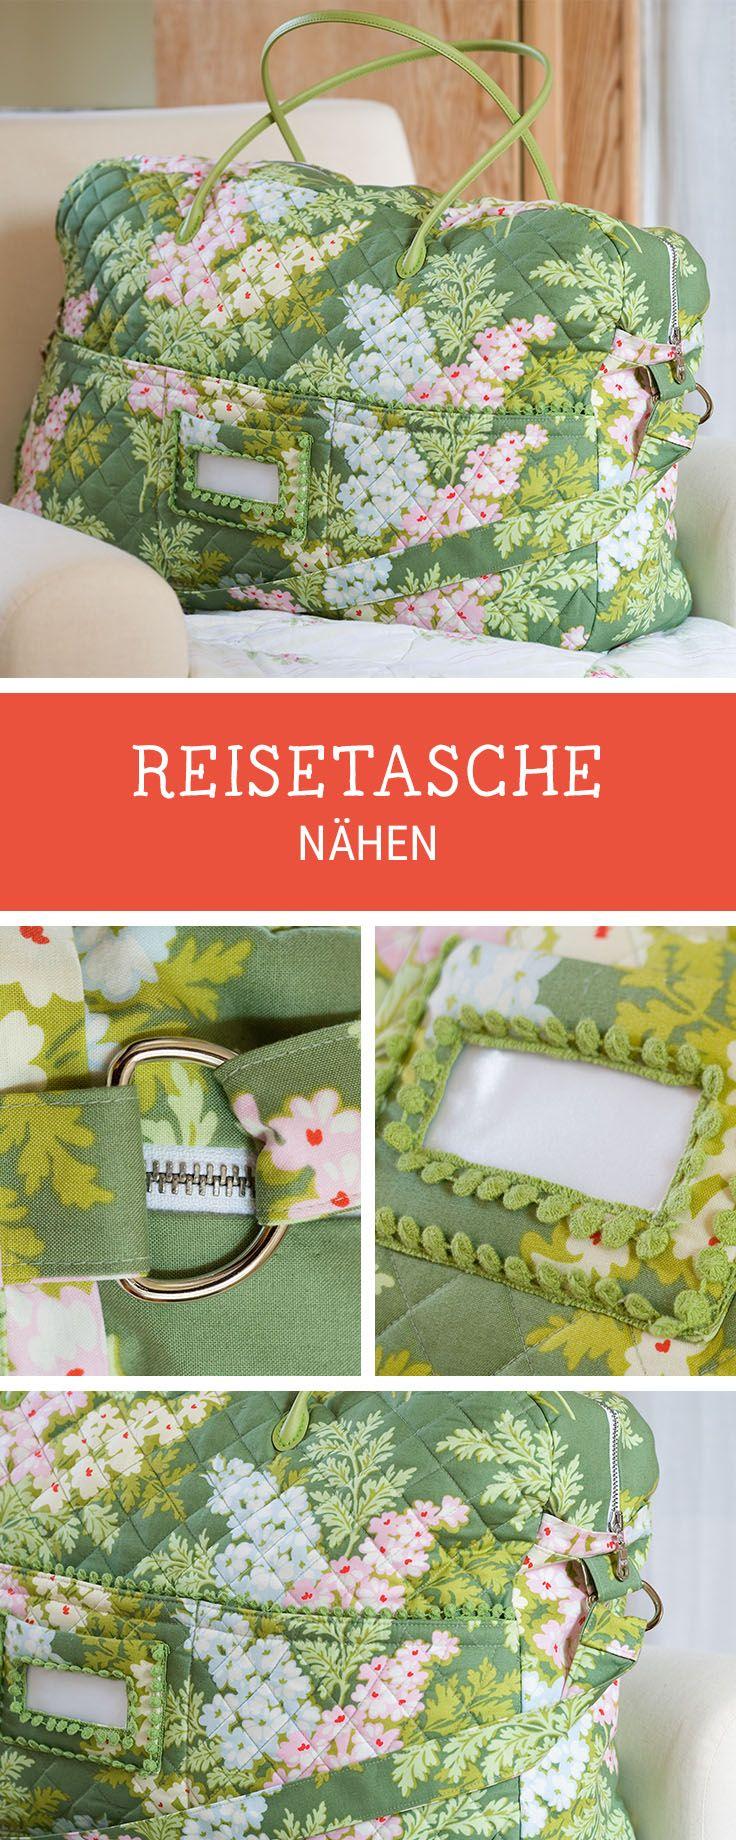 DIY-Nähanleitung für eine Reisetasche mit Fenster, Tasche nähen / diy sewing pattern for a travel bag, diy weekender via DaWanda.com